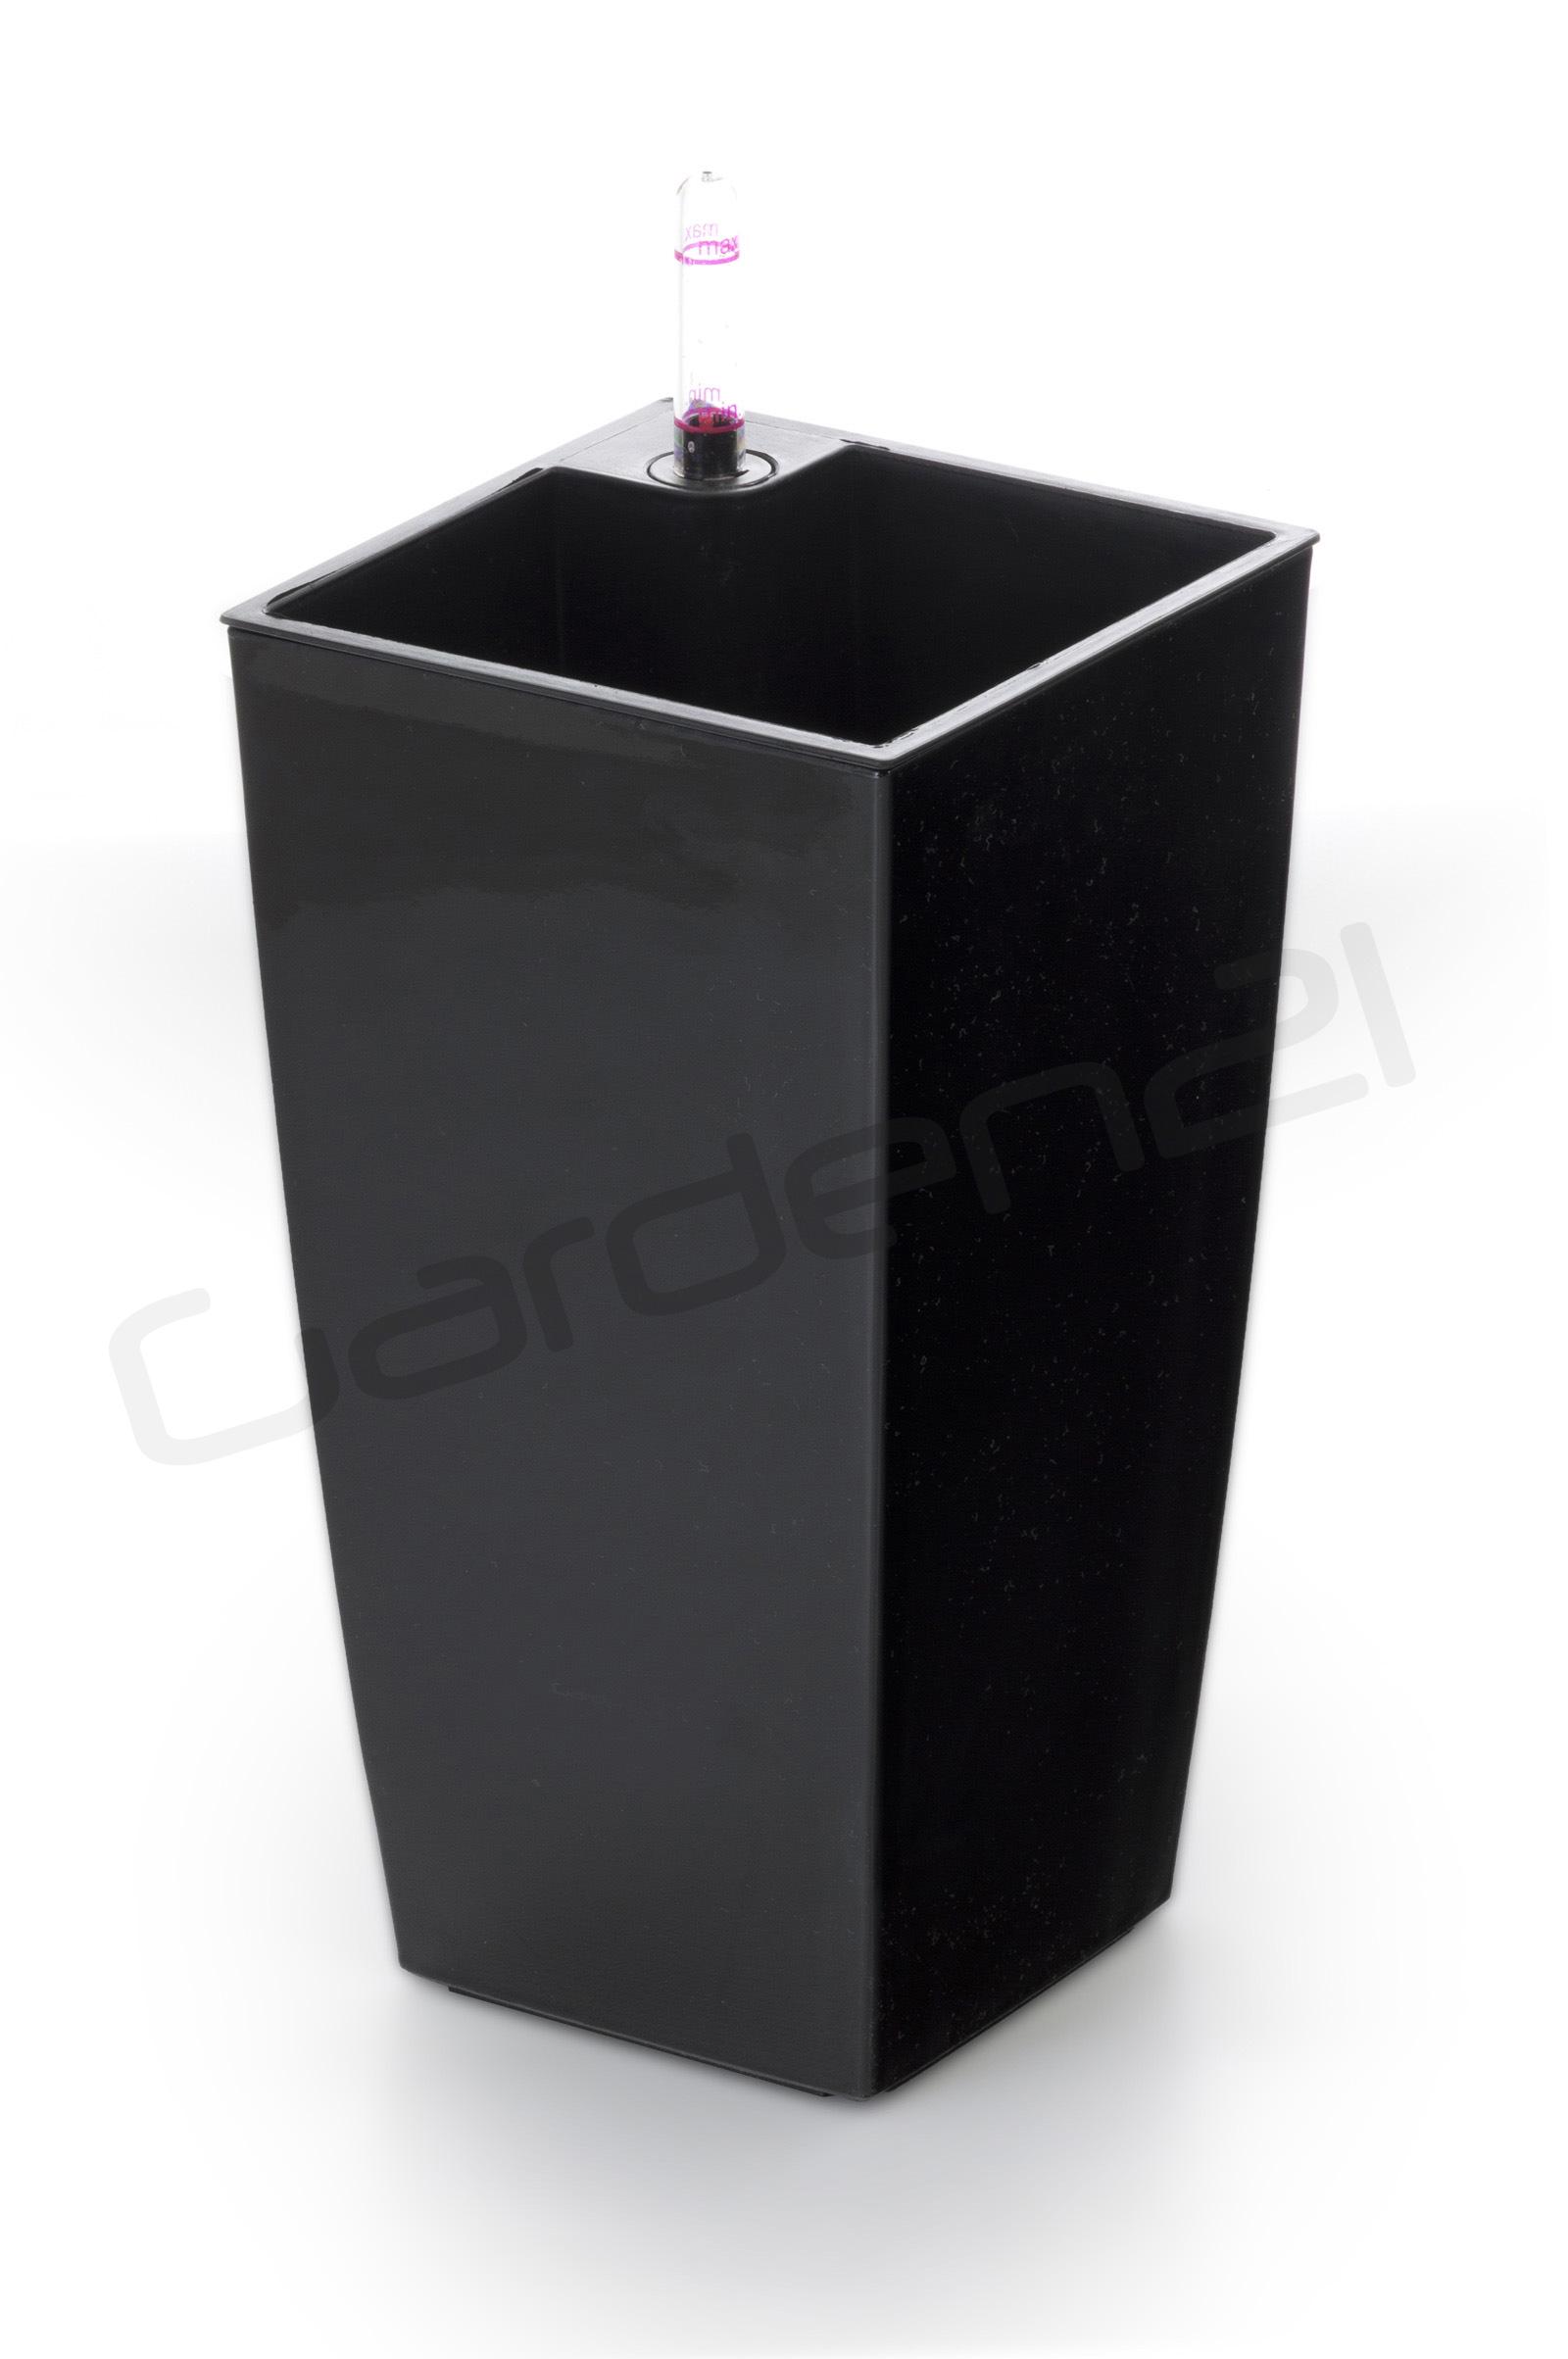 Samozavlažovací květináč G21 Linea mini černý 26cm